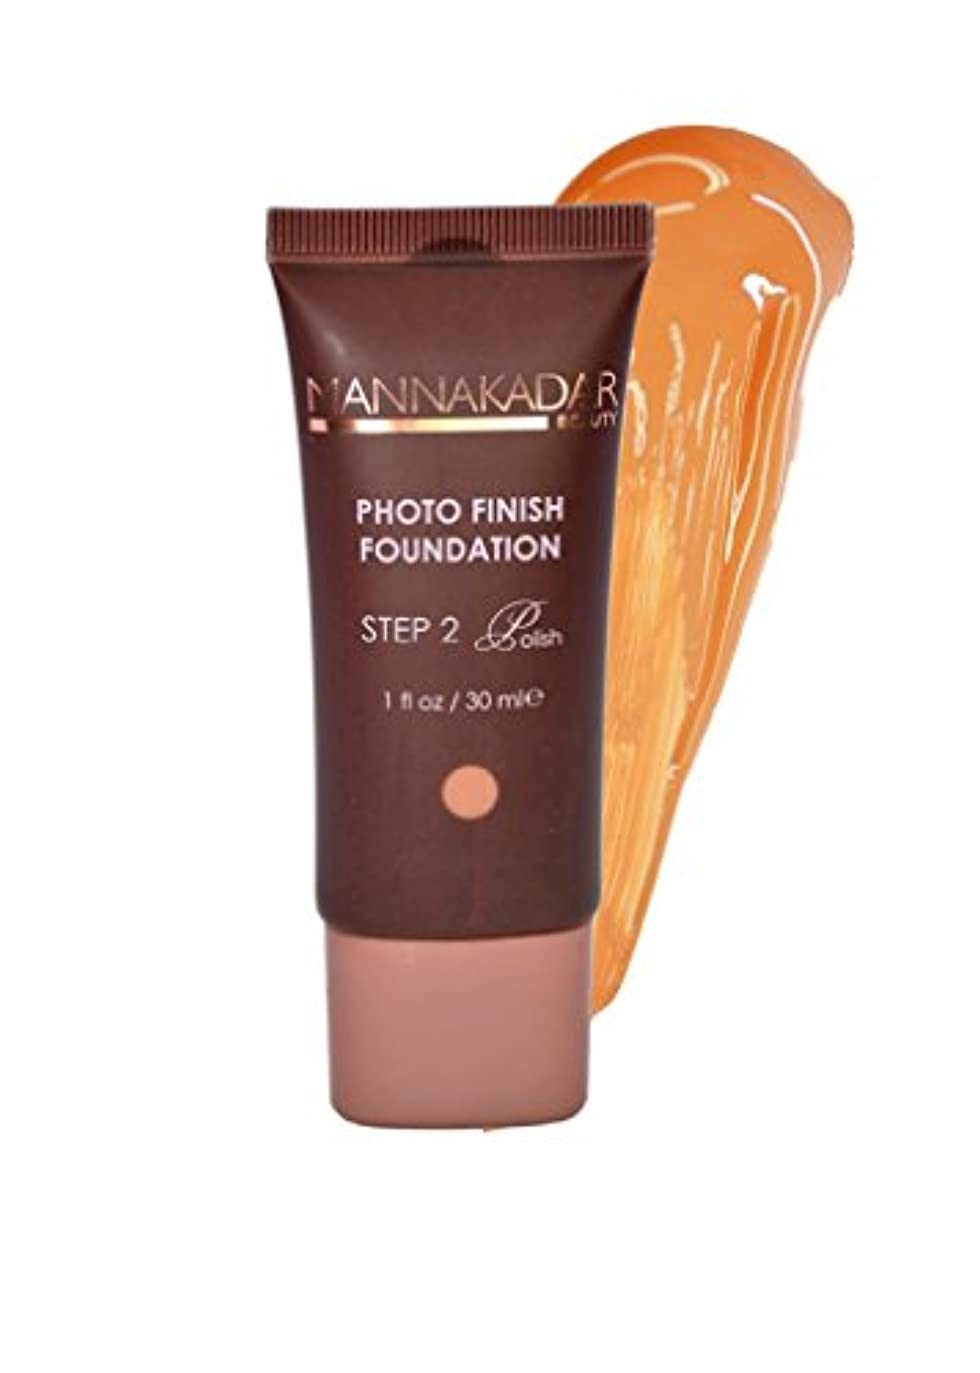 アナリスト情報月曜日Manna Kadar Cosmetics フォトフィニッシュ財団C6 - 完璧なタン